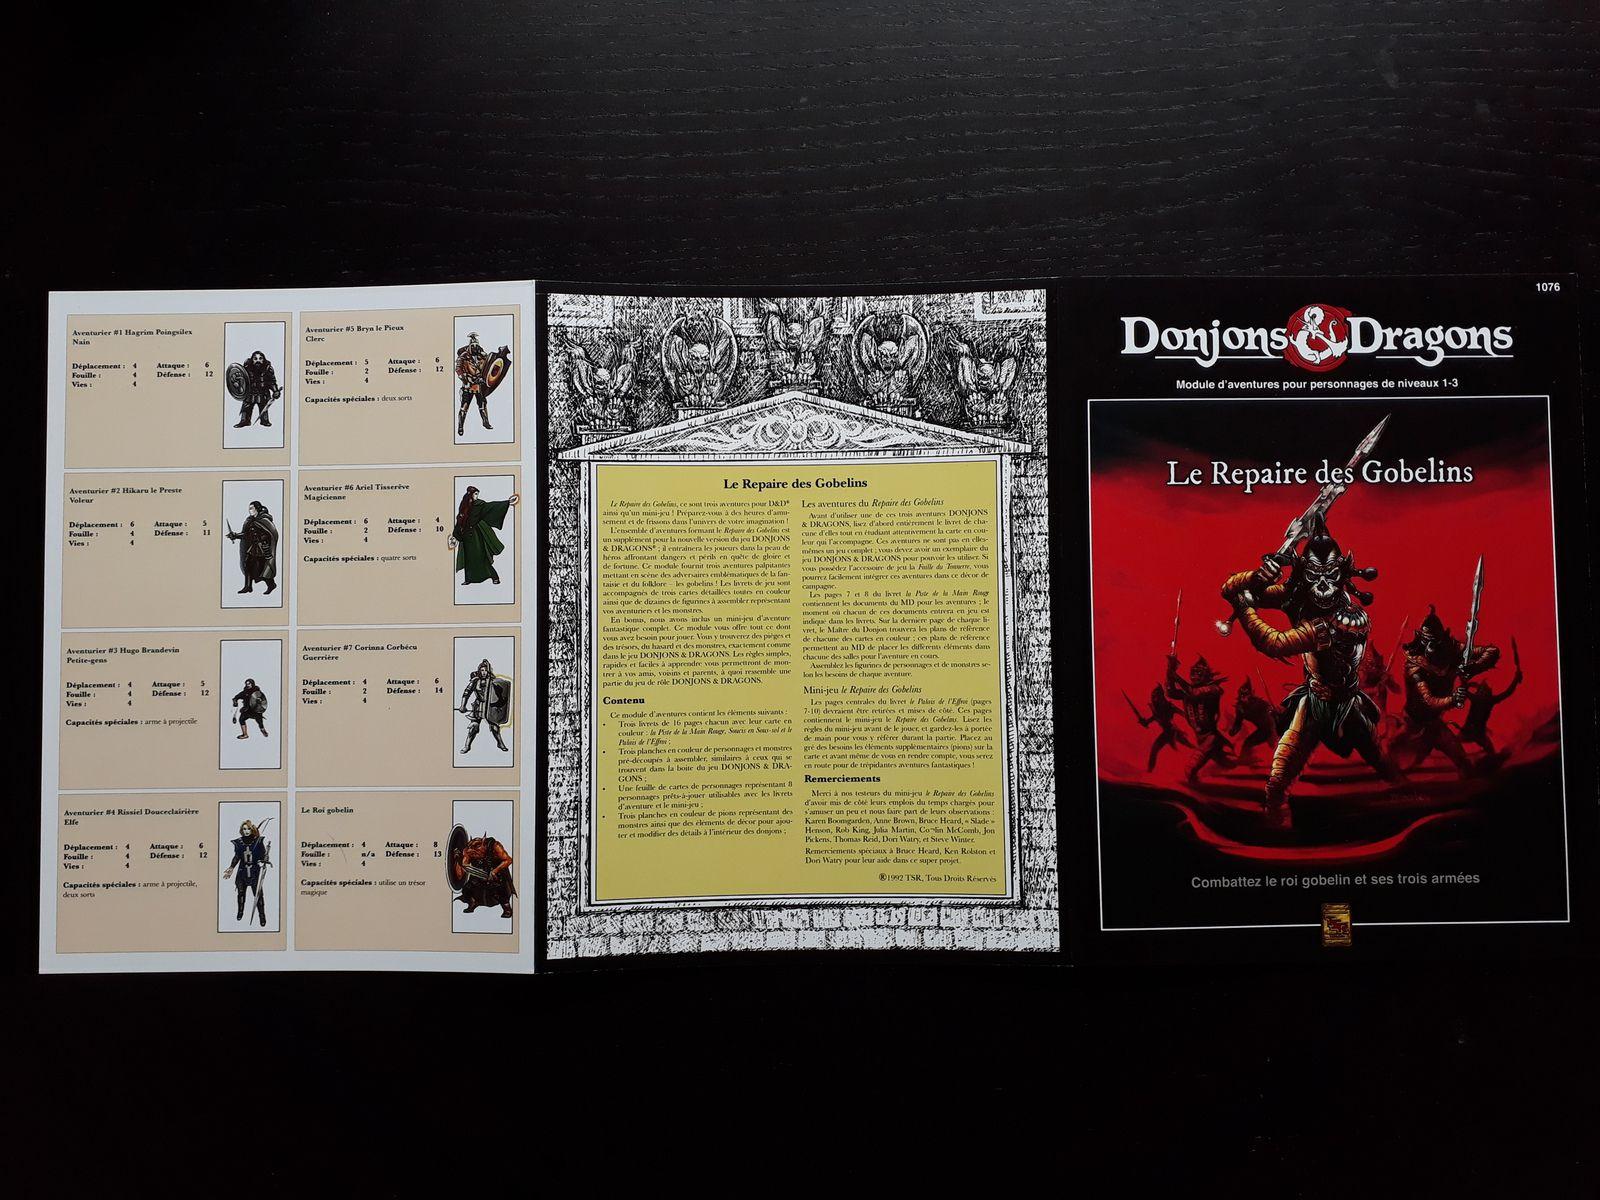 La couverture en trois volets, le recto et le verso. Les couleurs de la carte ressortent très bien, le petit plus par rapport à la vo ^^